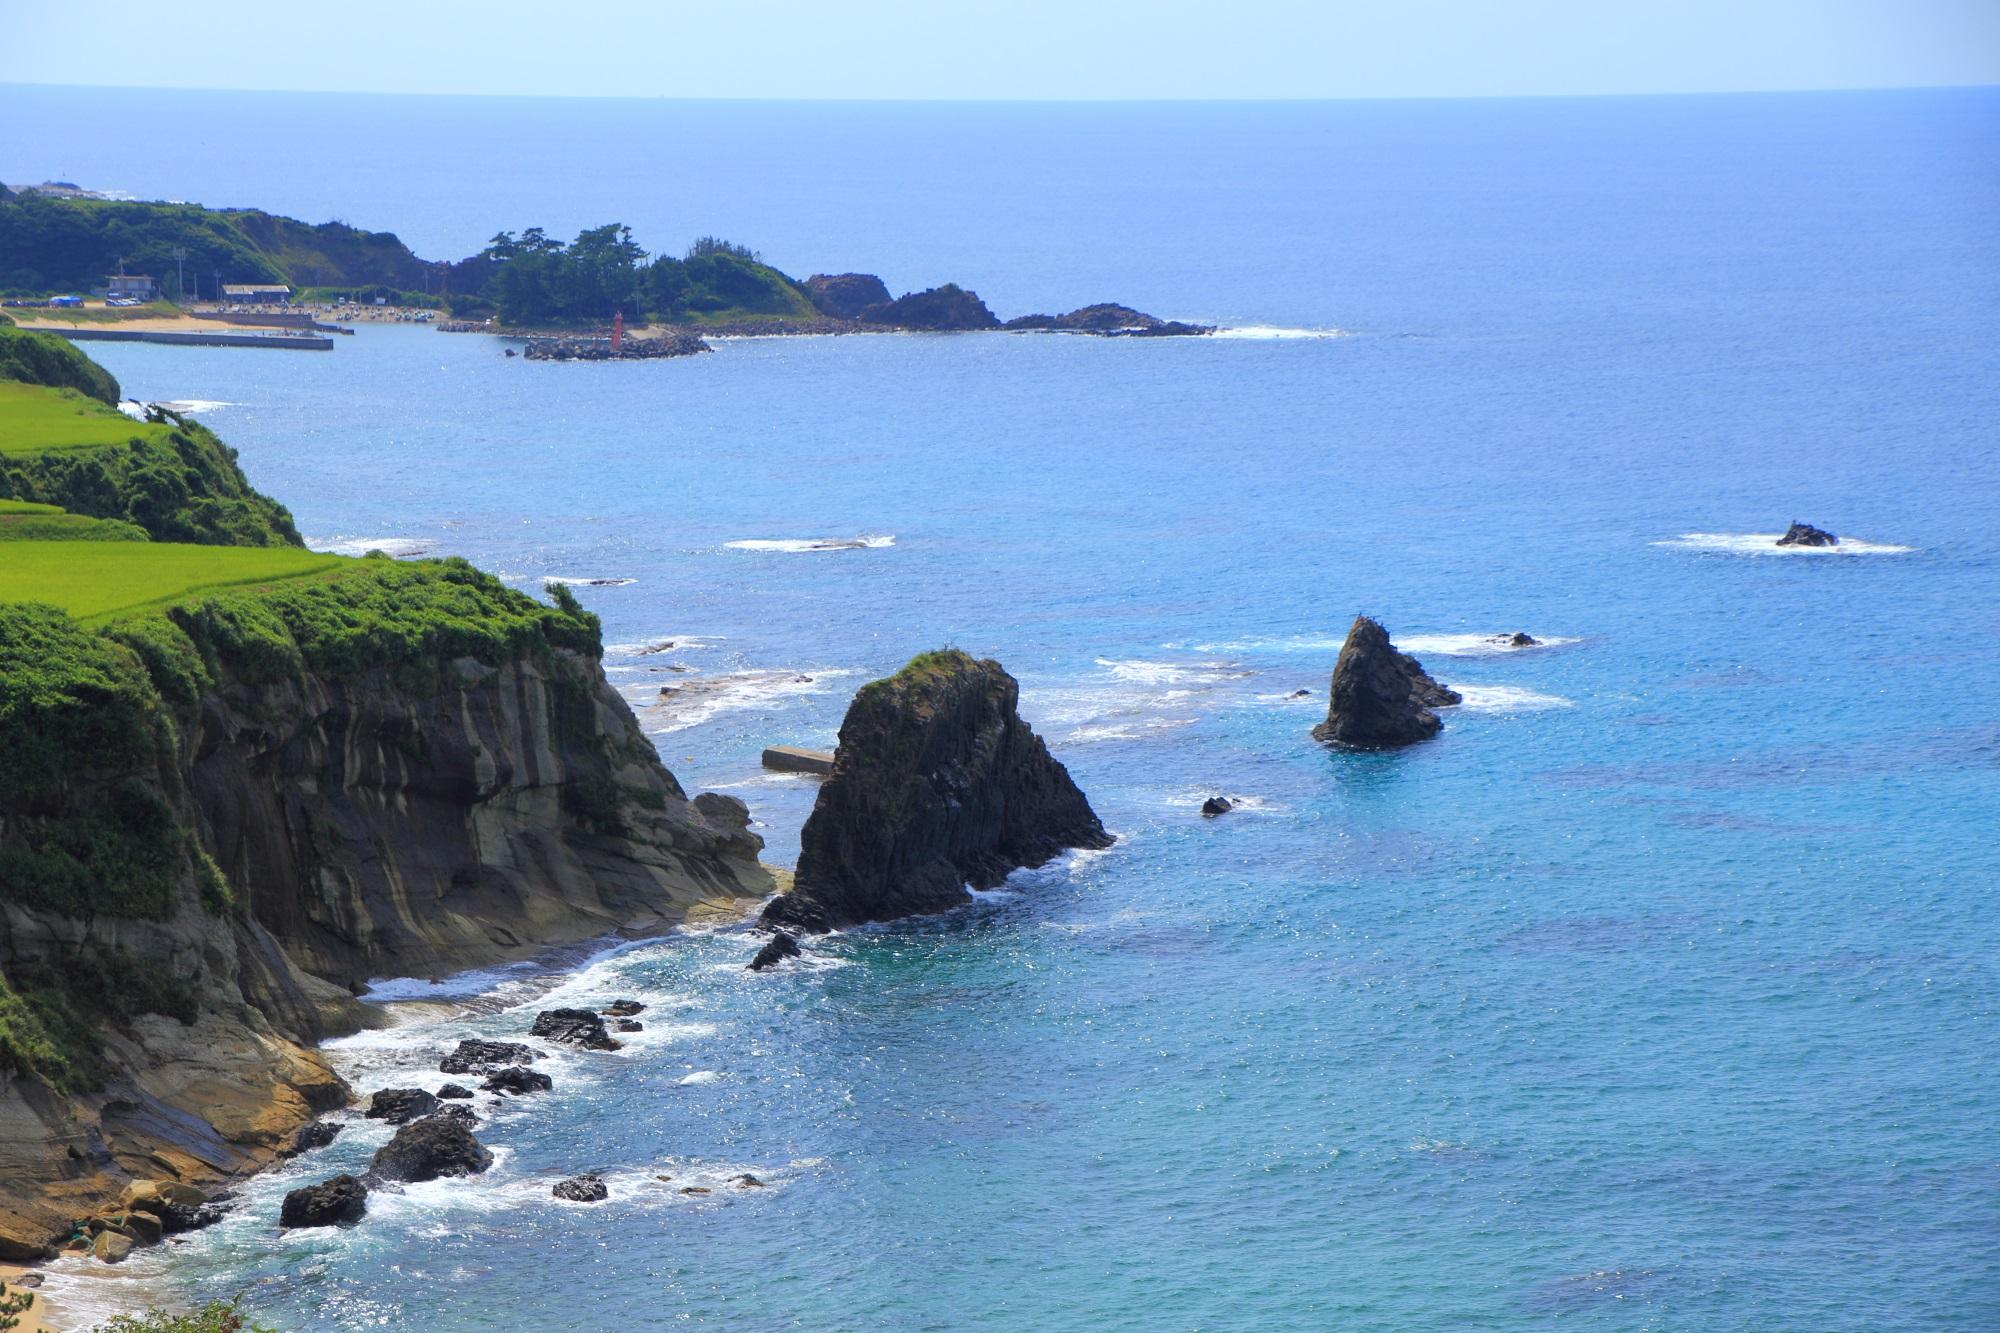 屏風岩と京丹後の海の素晴らしい情景